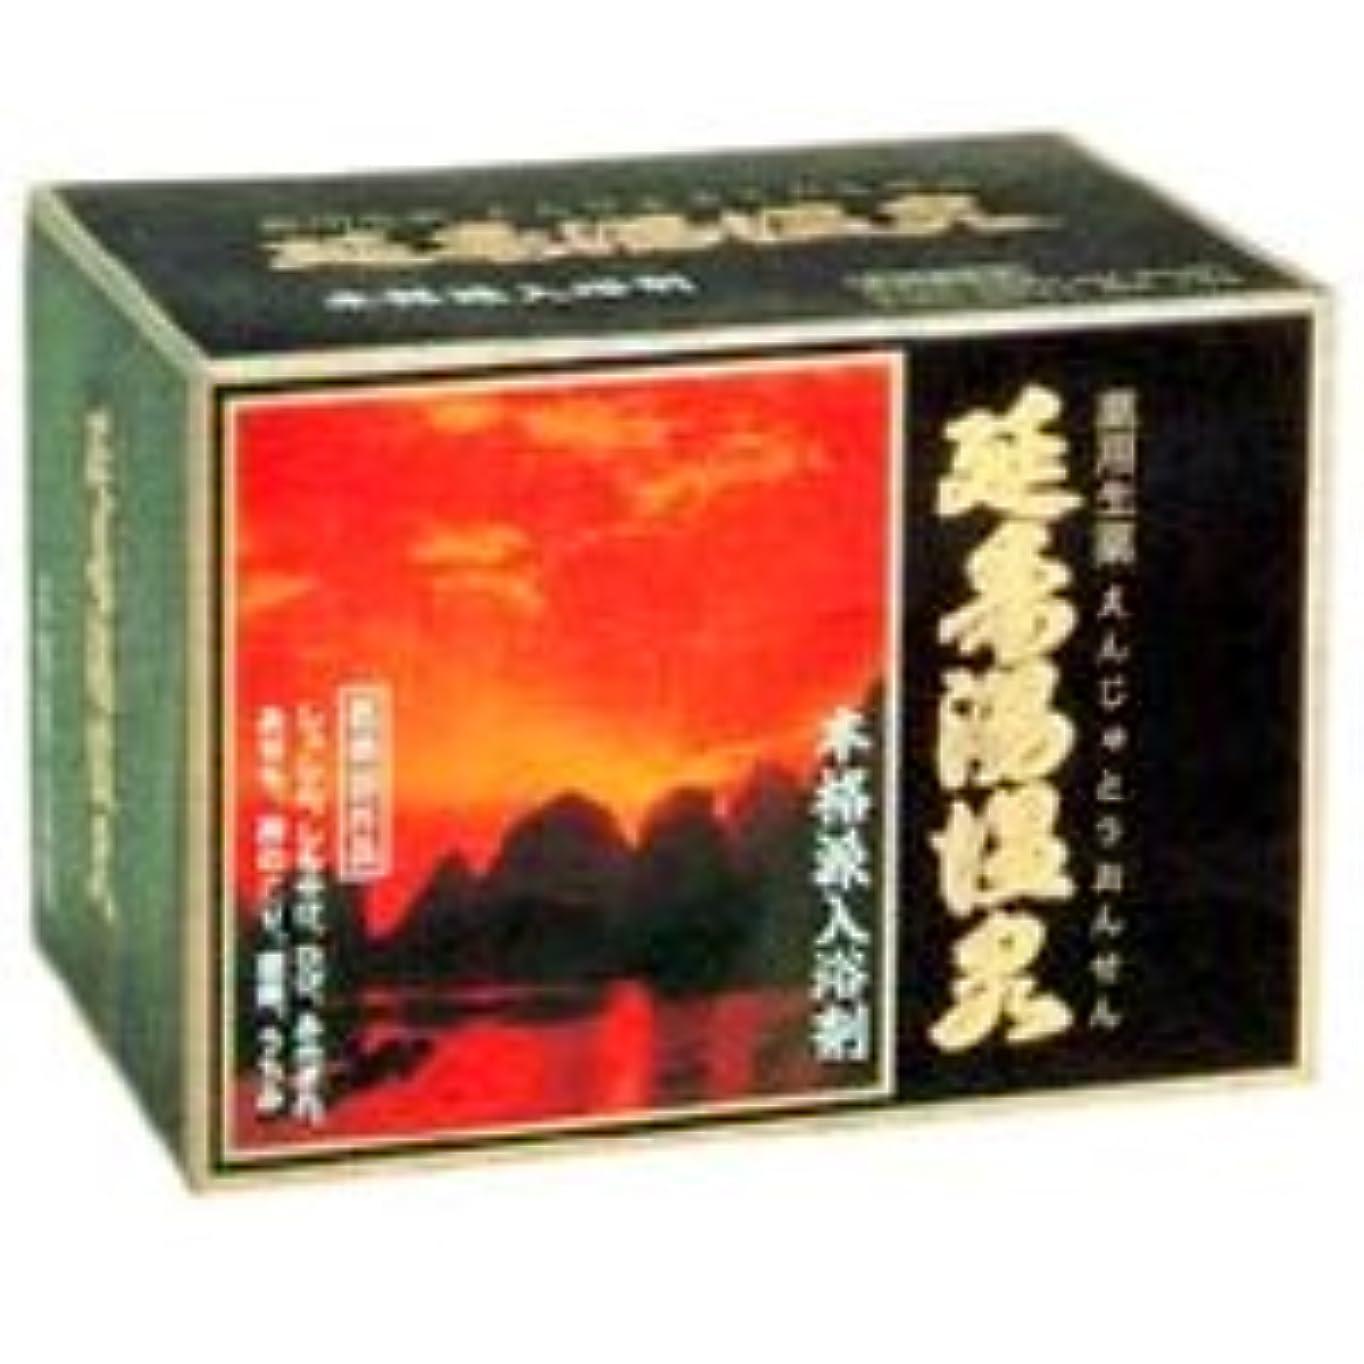 主婦成長するビヨン入浴剤 延寿湯温泉(えんじゅとう)12包入×3箱+5包おまけ 天然生薬配合 医薬部外品